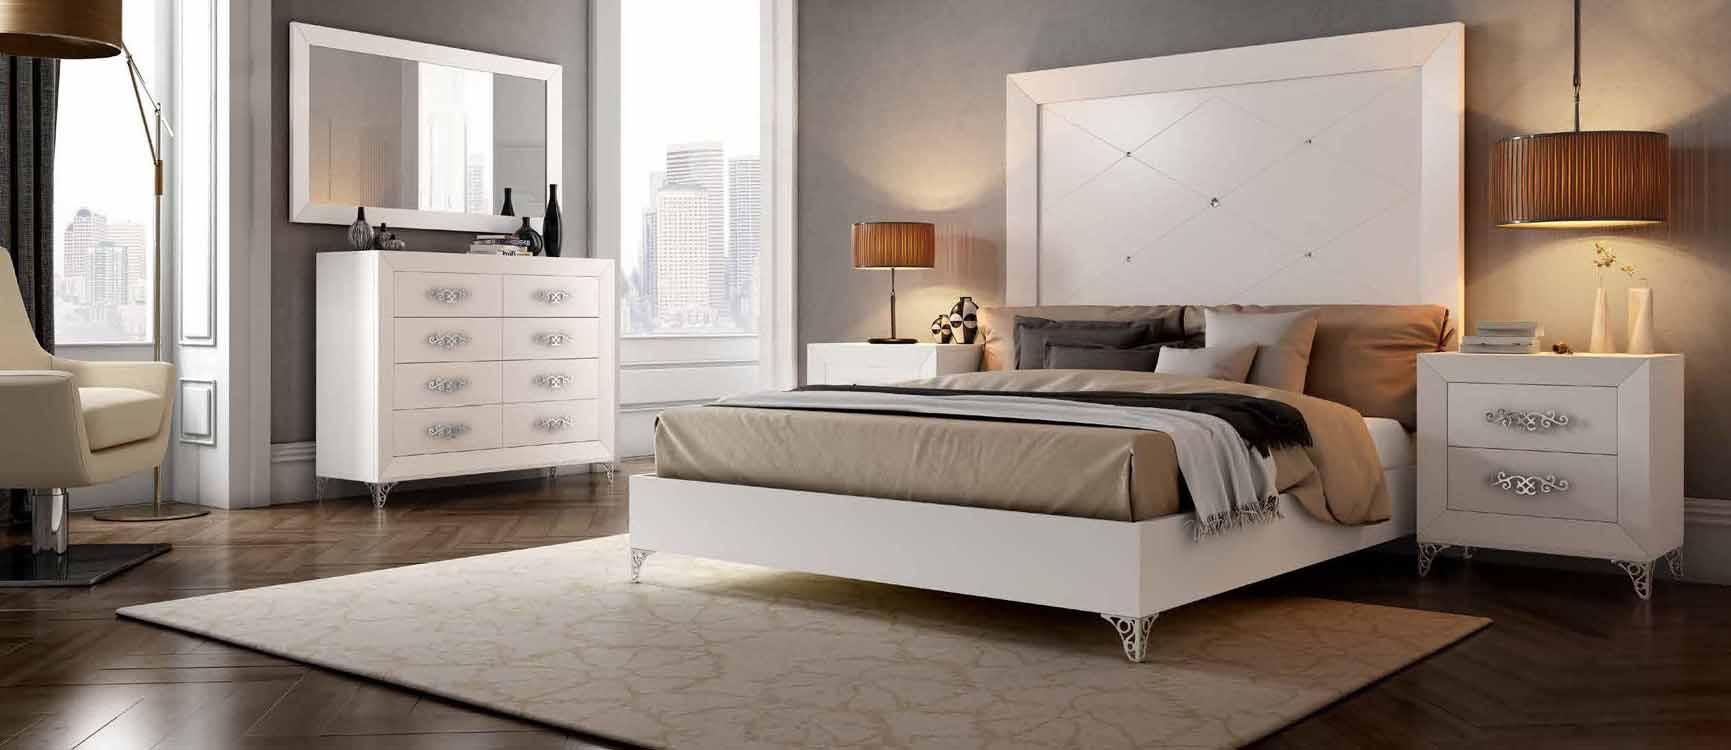 http://www.munozmuebles.net/nueva/catalogo/dormitorios-clasicos.html - Imágenes  de muebles estilo provenzal